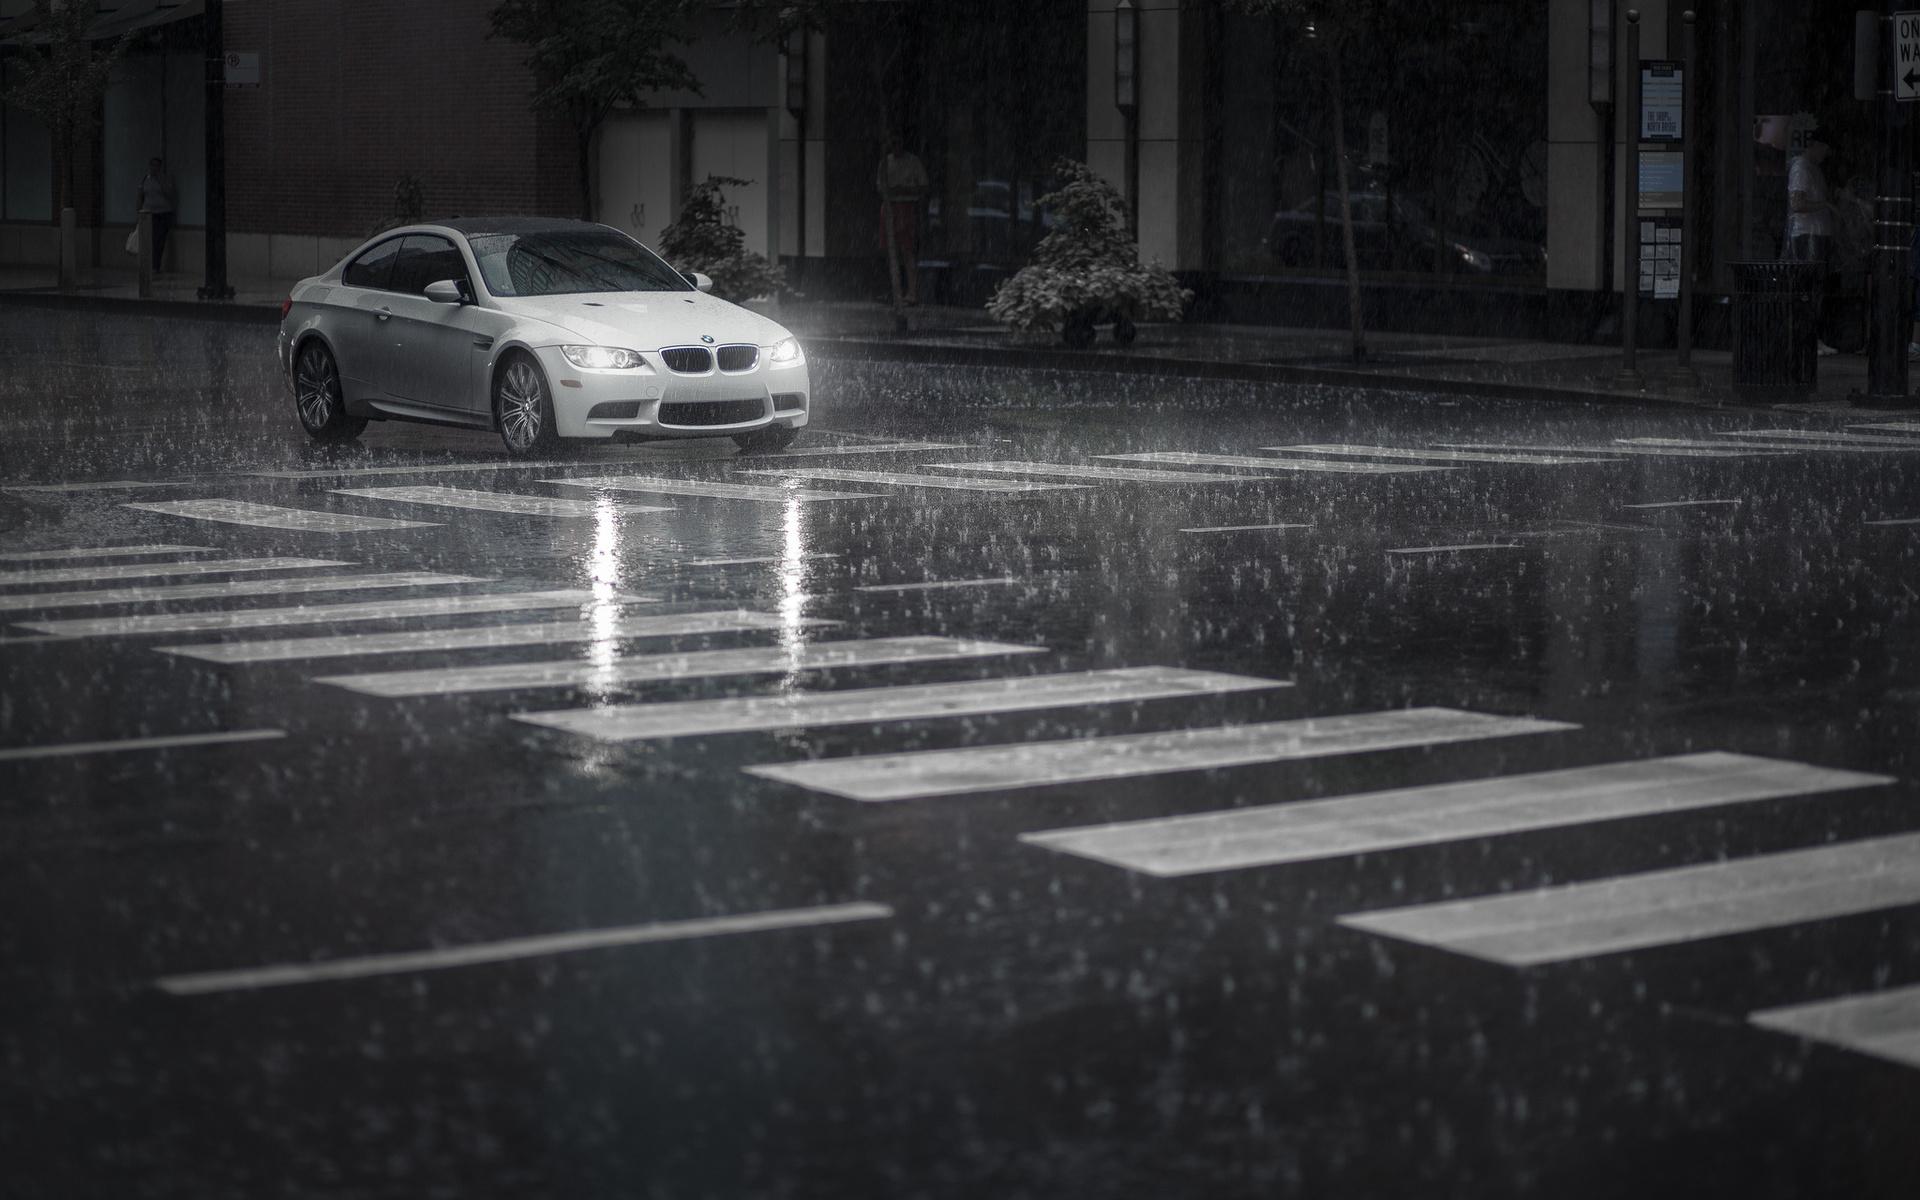 энг картинка машина едет в дождь рассказывает